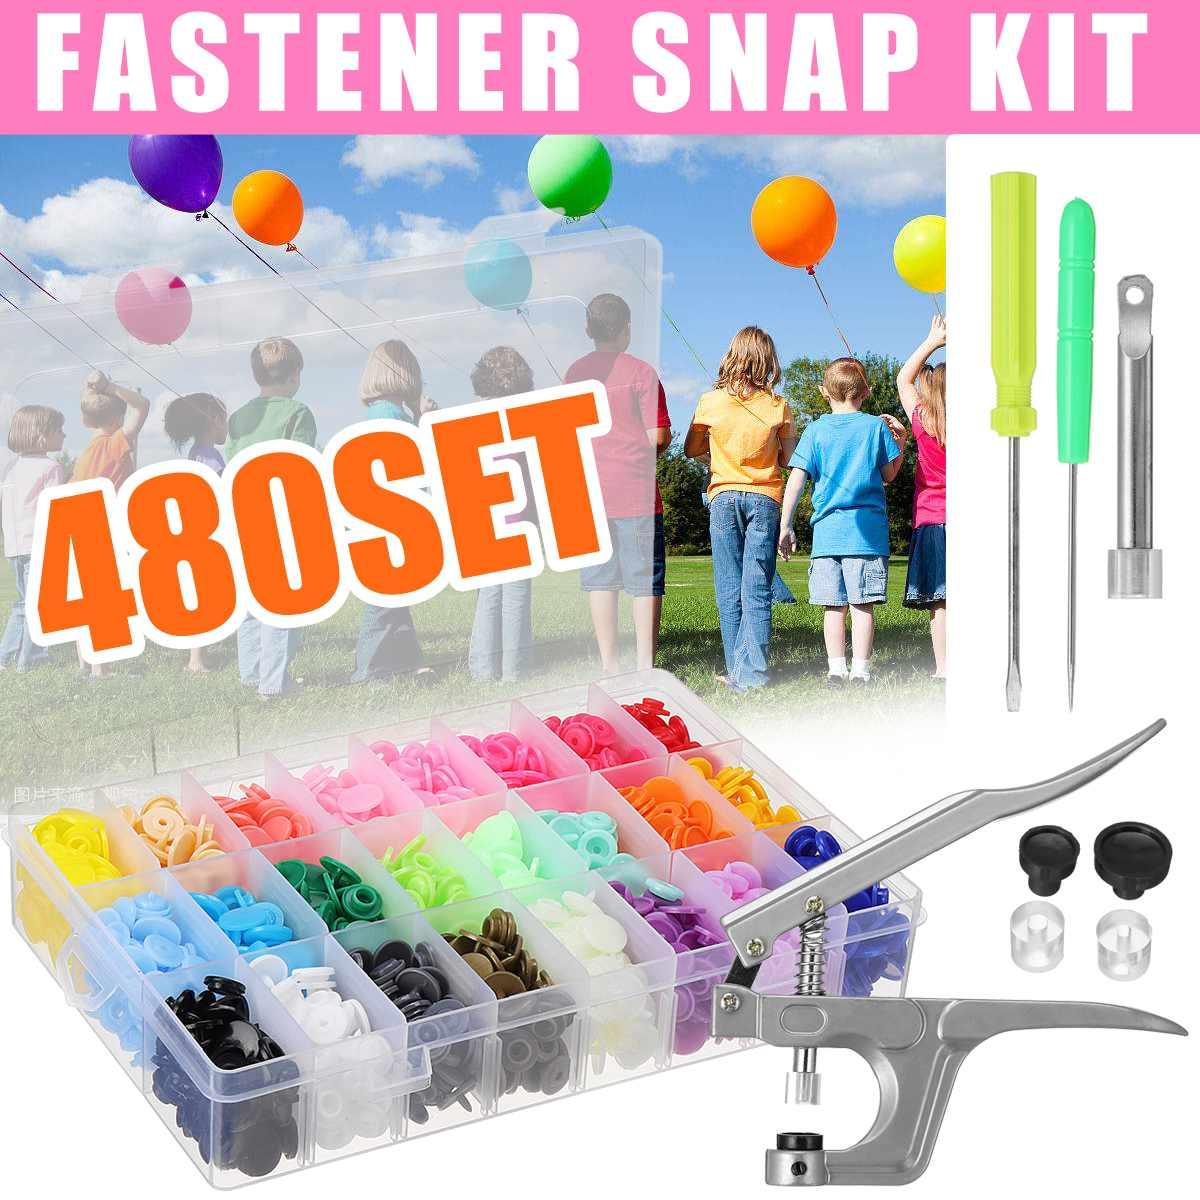 480Set T5 Plástico Colorido Botão + T3 T5 T8 Fastener Hand-held Metal Press Alicates Braçadeira de Pressão Mão ferramentas de perfuração para Costura DIY